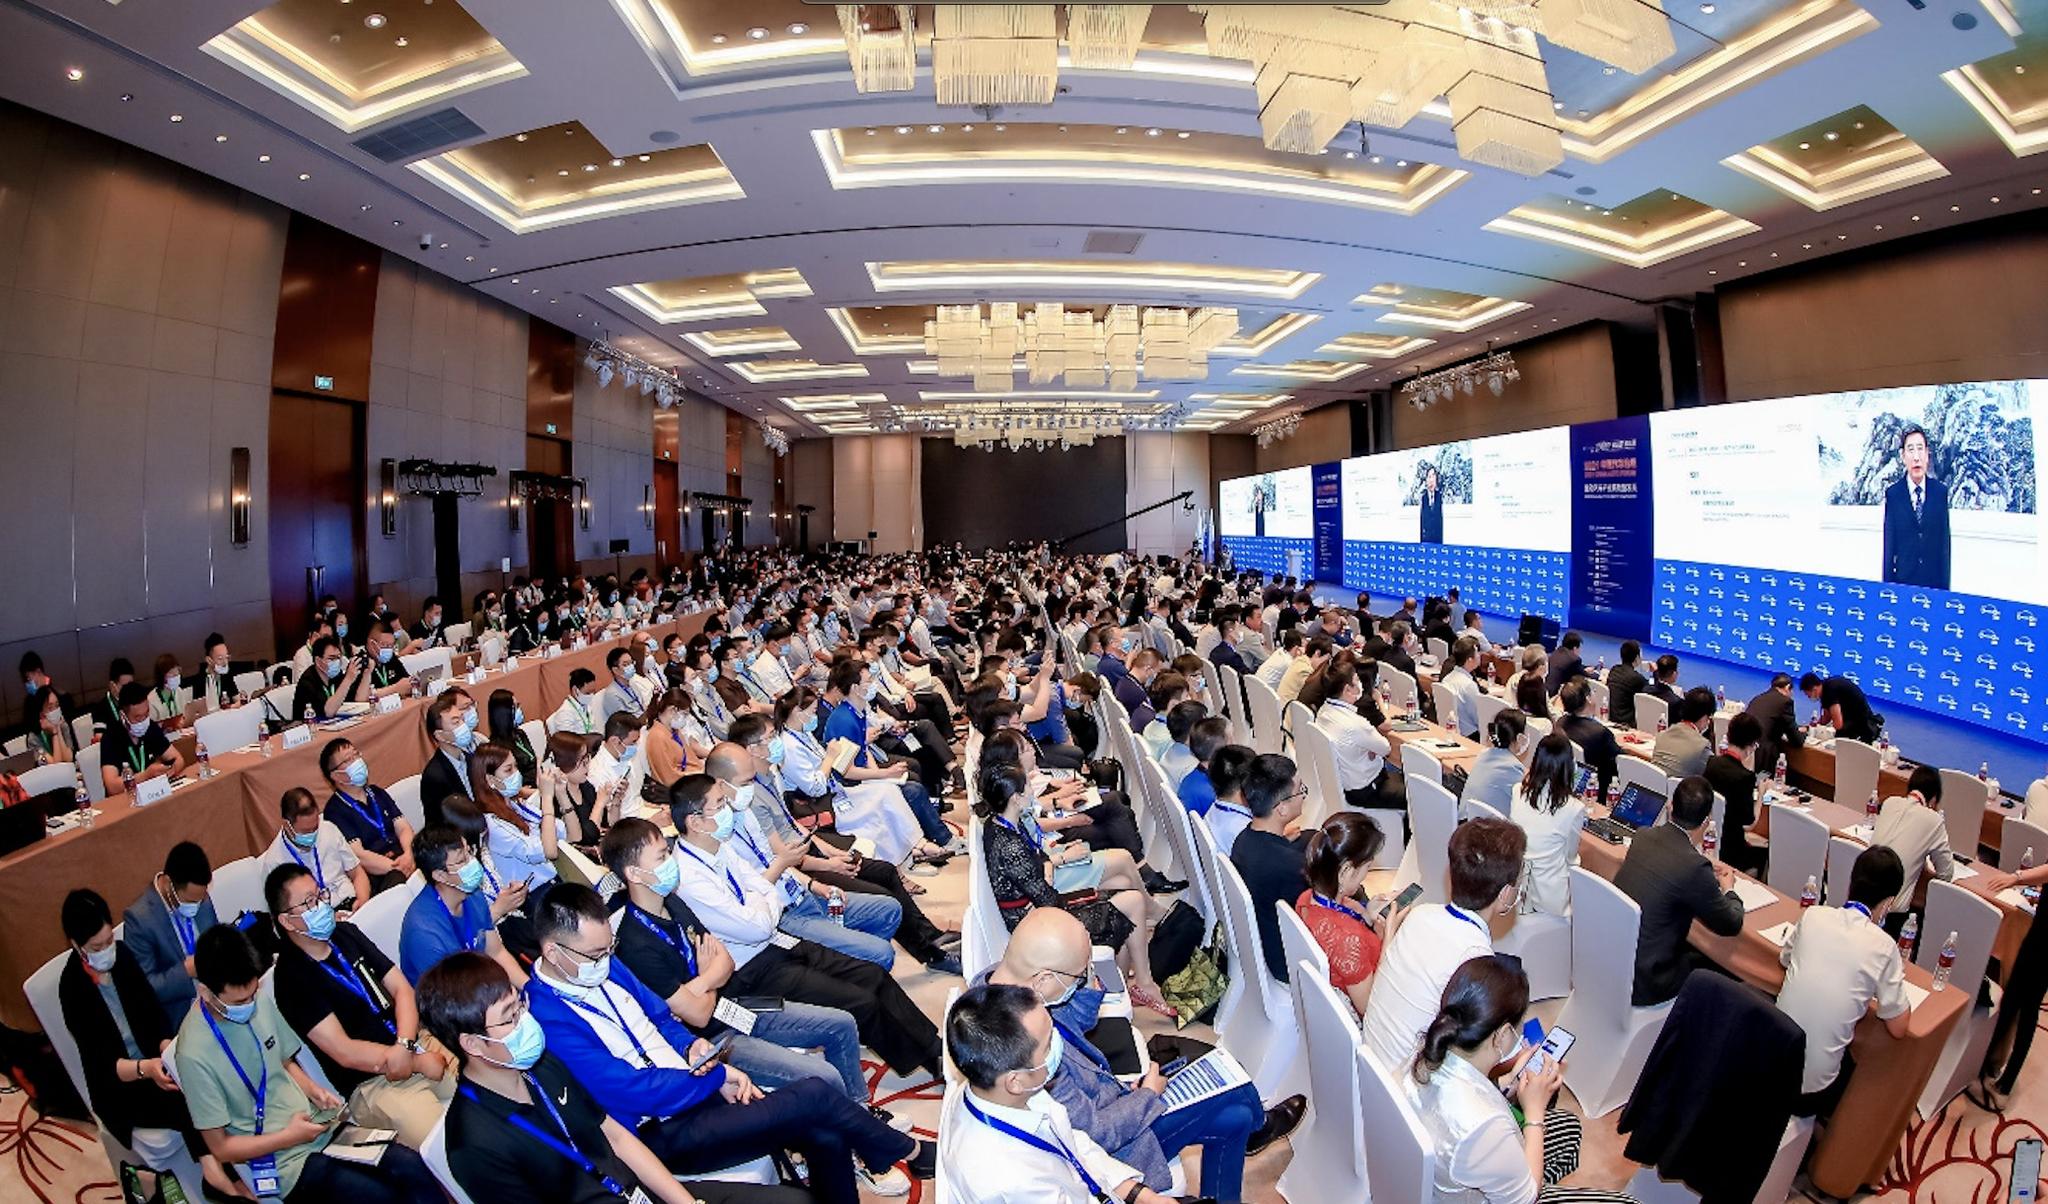 苗圩:要构建智能网联汽车中国方案,及早谋划自主可控的芯片和操作系统